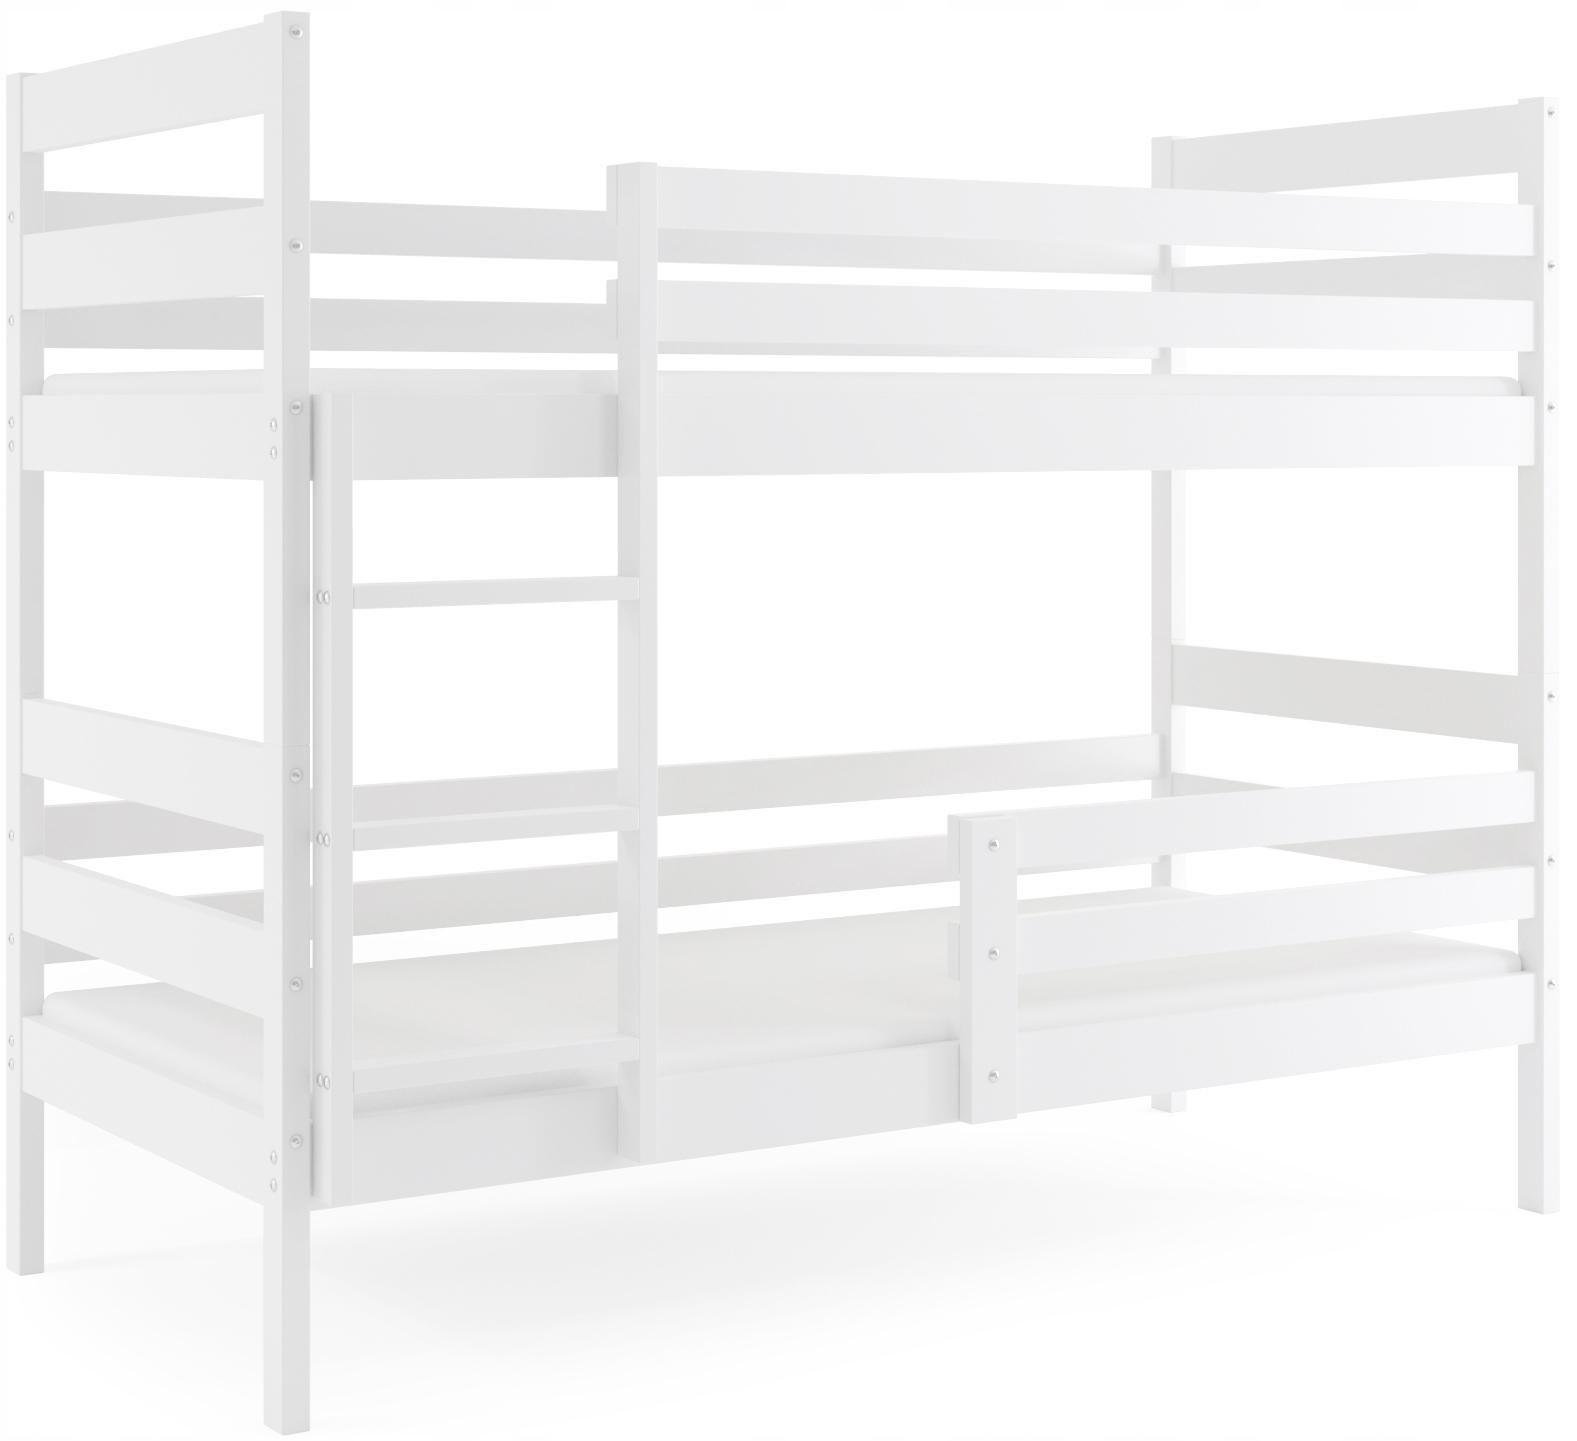 Łóżko piętrowe dla dzieci + Stelaż od INTERBEDS